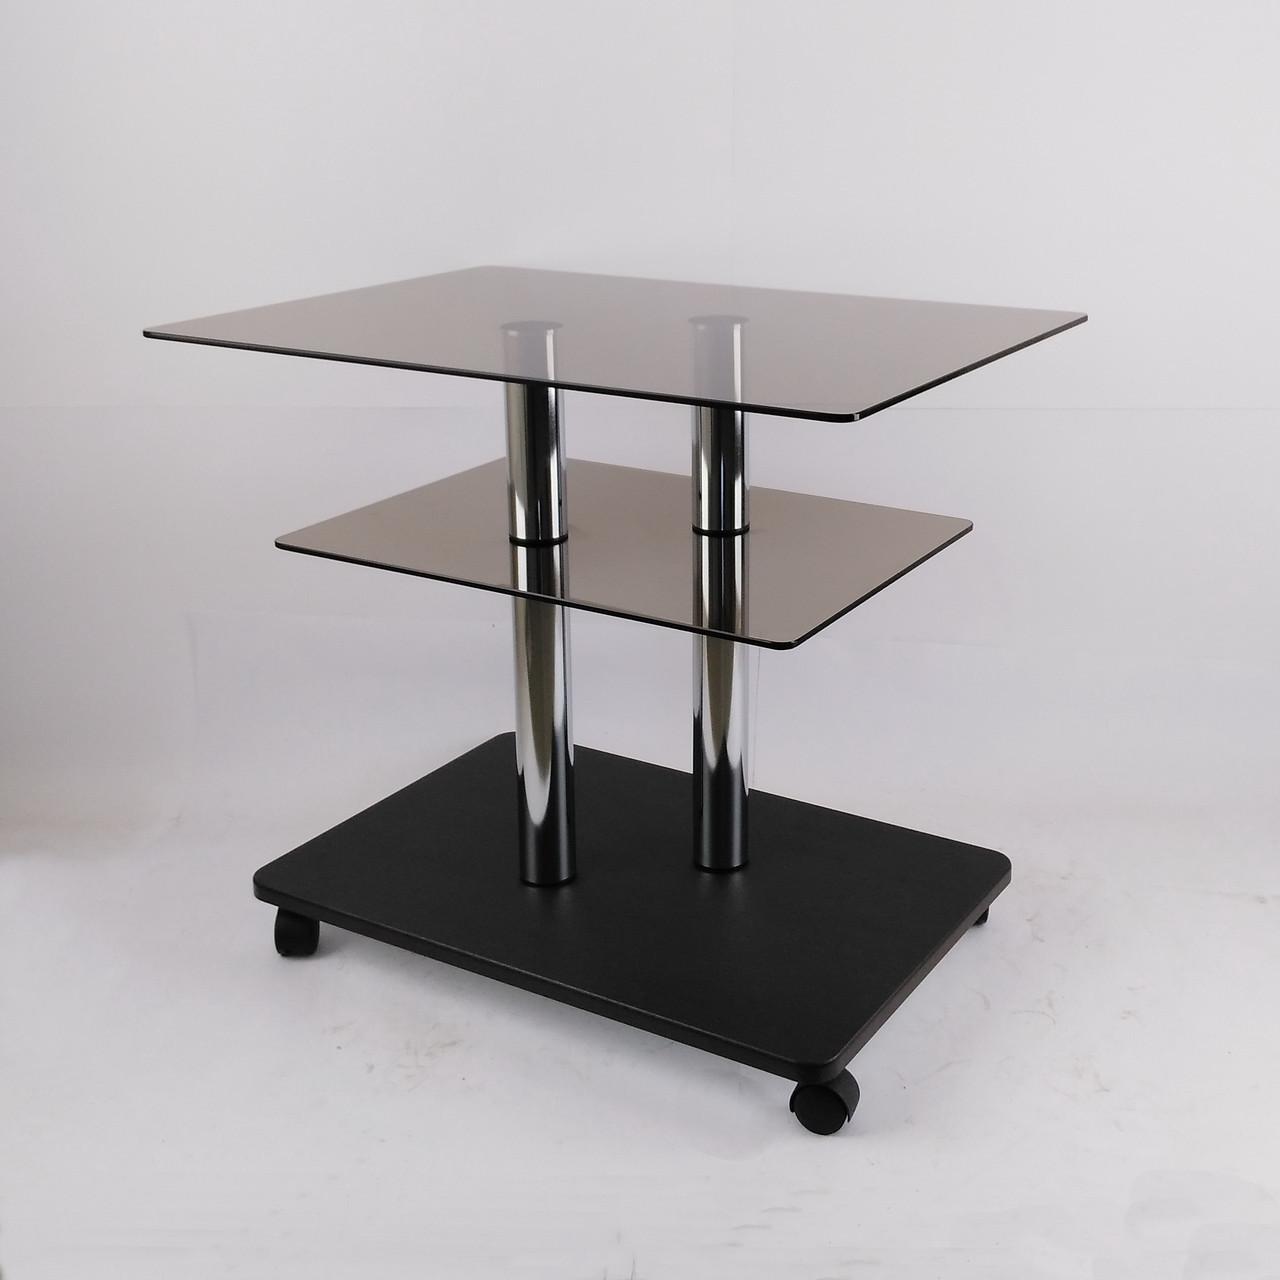 Стол журнальный стеклянный прямоугольный Commus Bravo Light P6 bronza-venge-2chr50